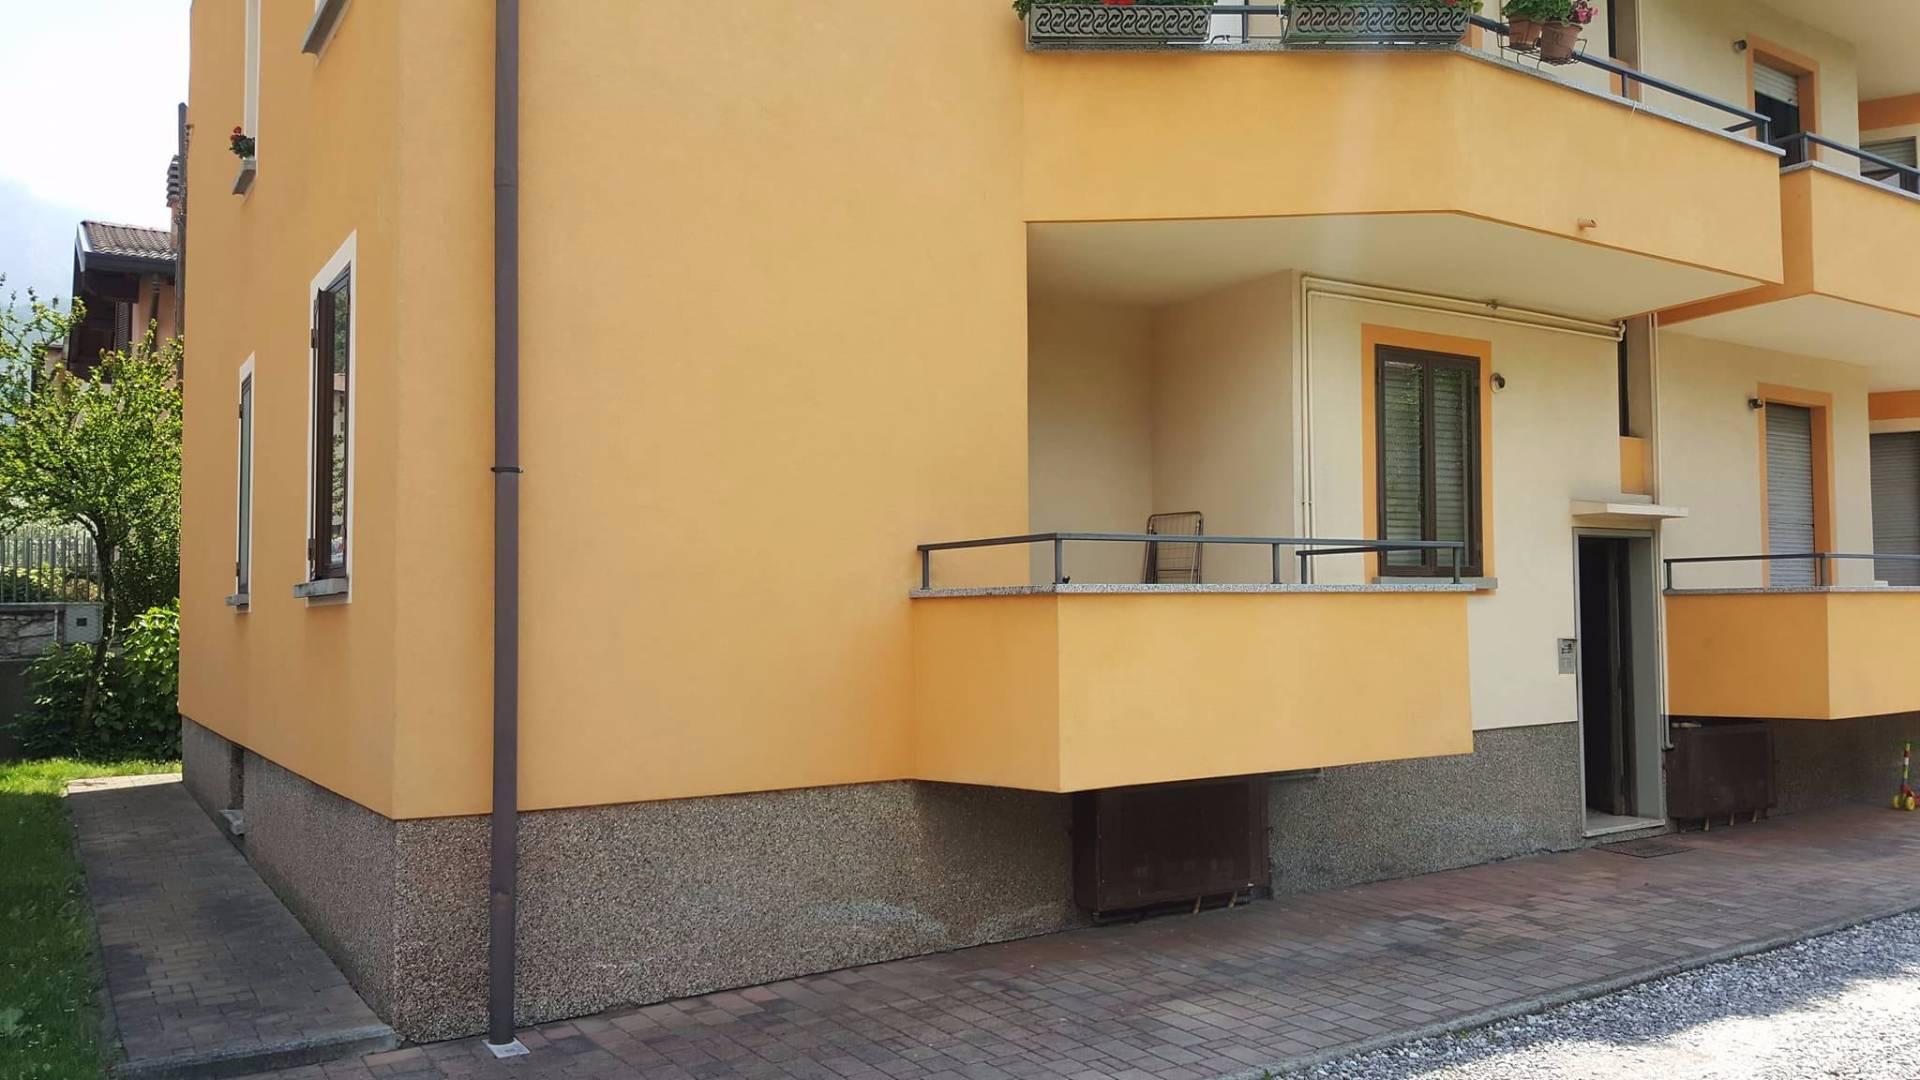 Appartamento in vendita a Berzo Inferiore, 5 locali, prezzo € 69.000 | CambioCasa.it